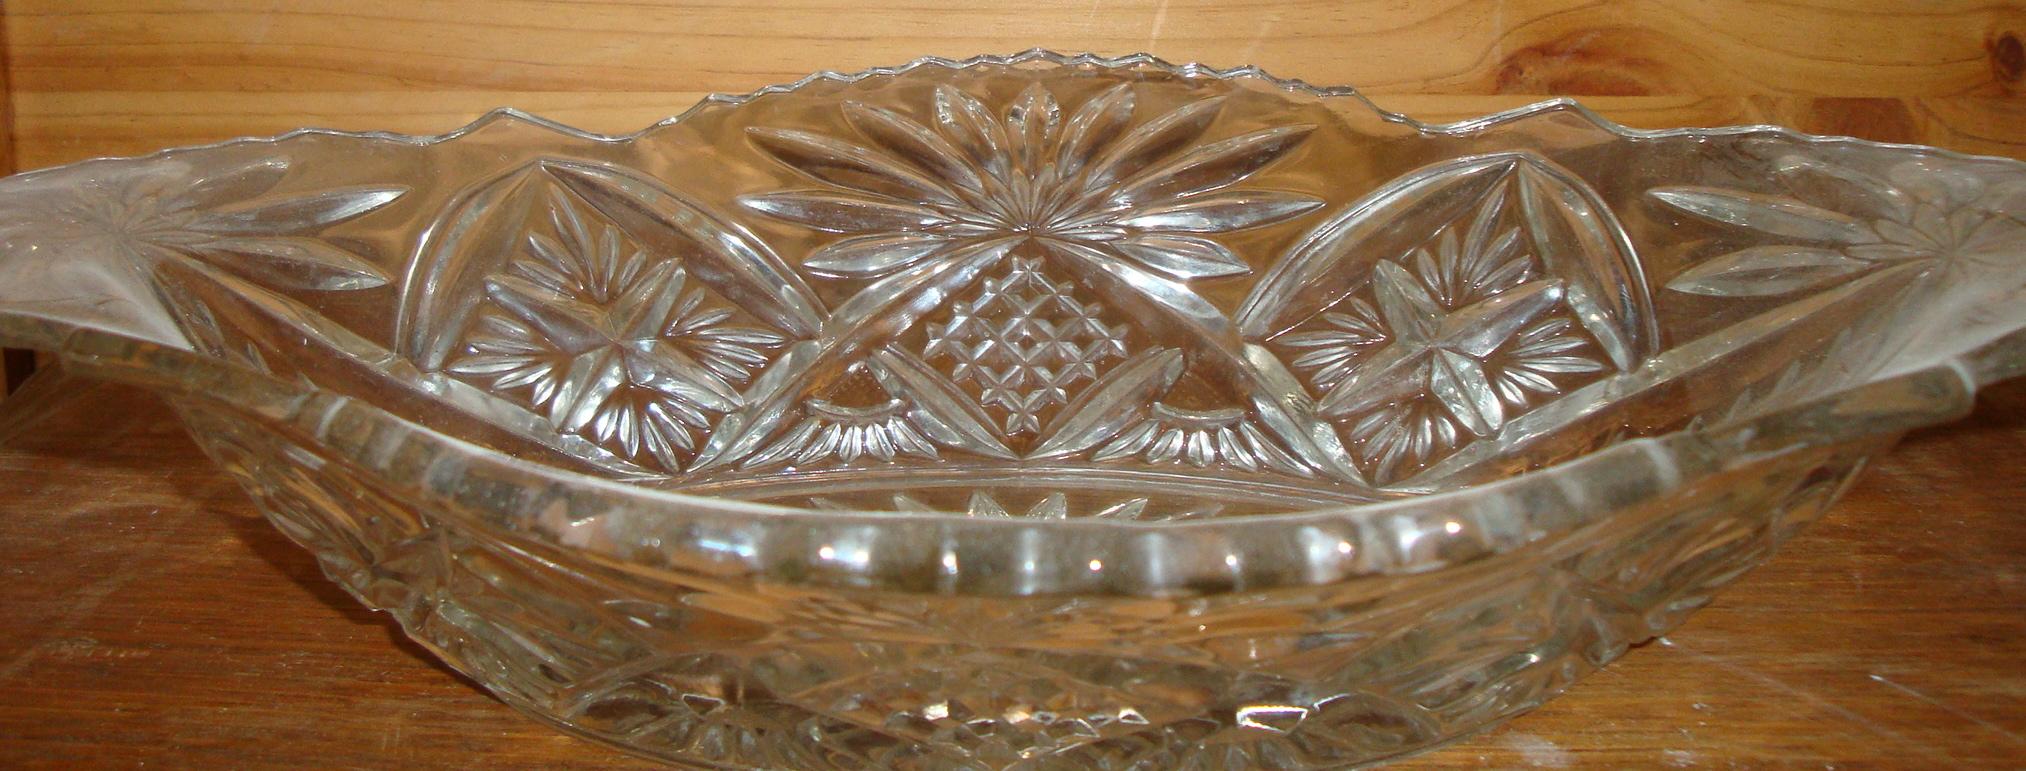 Coupelle en verre ou cristal ciselé